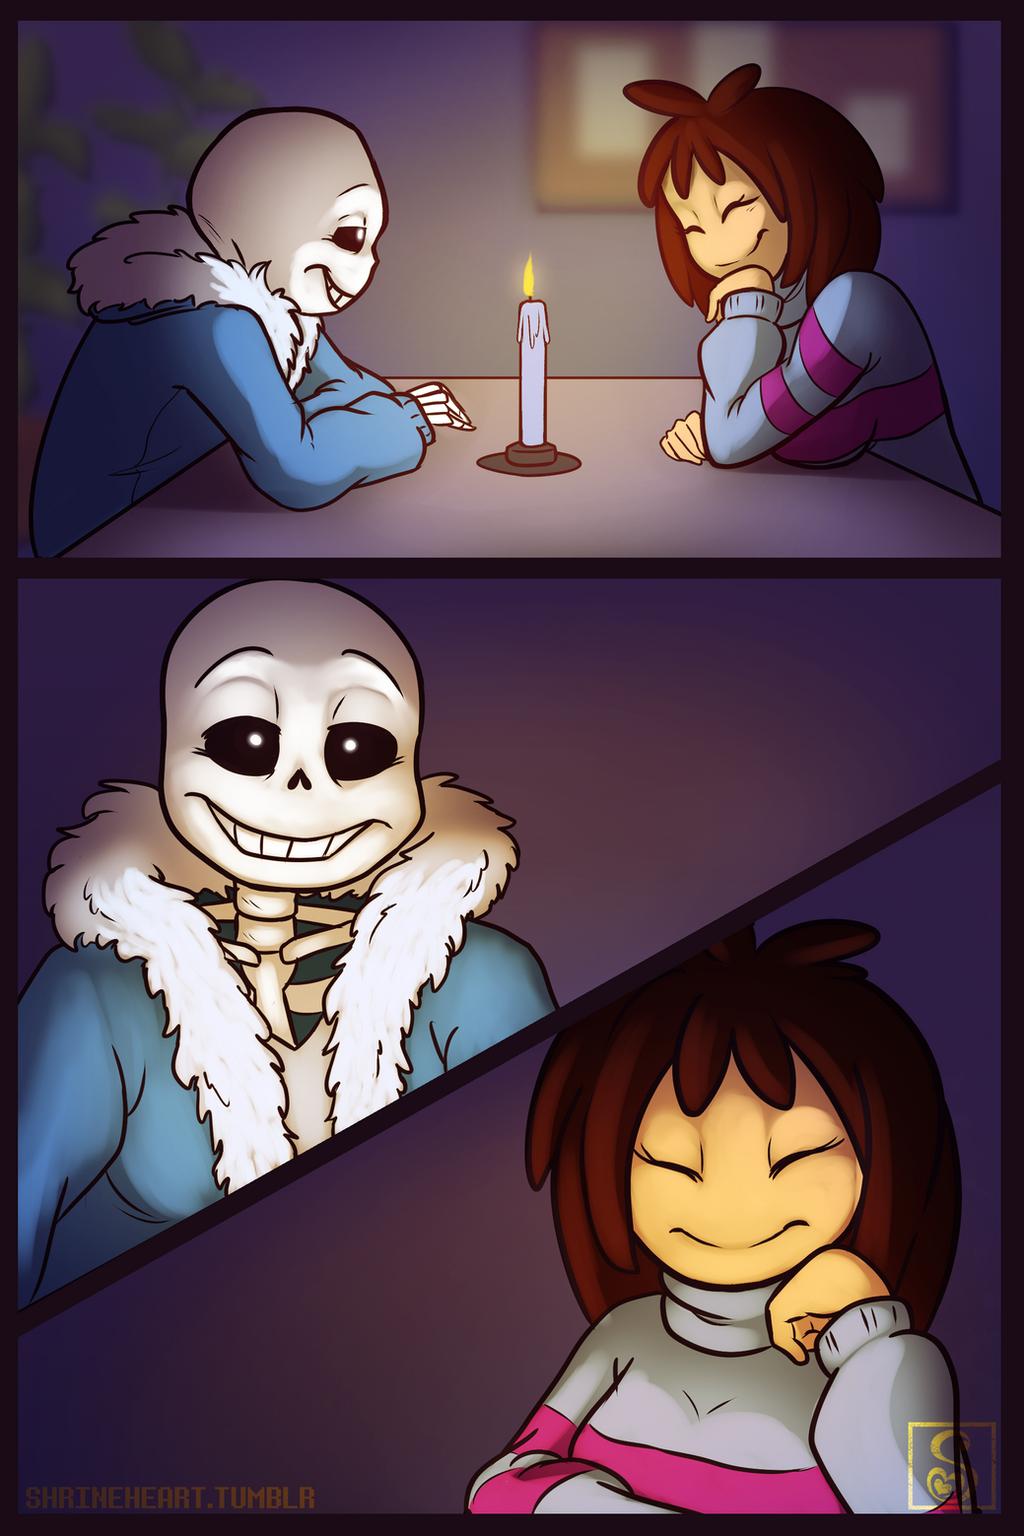 Gift Art: Date Night by Shrineheart on DeviantArt